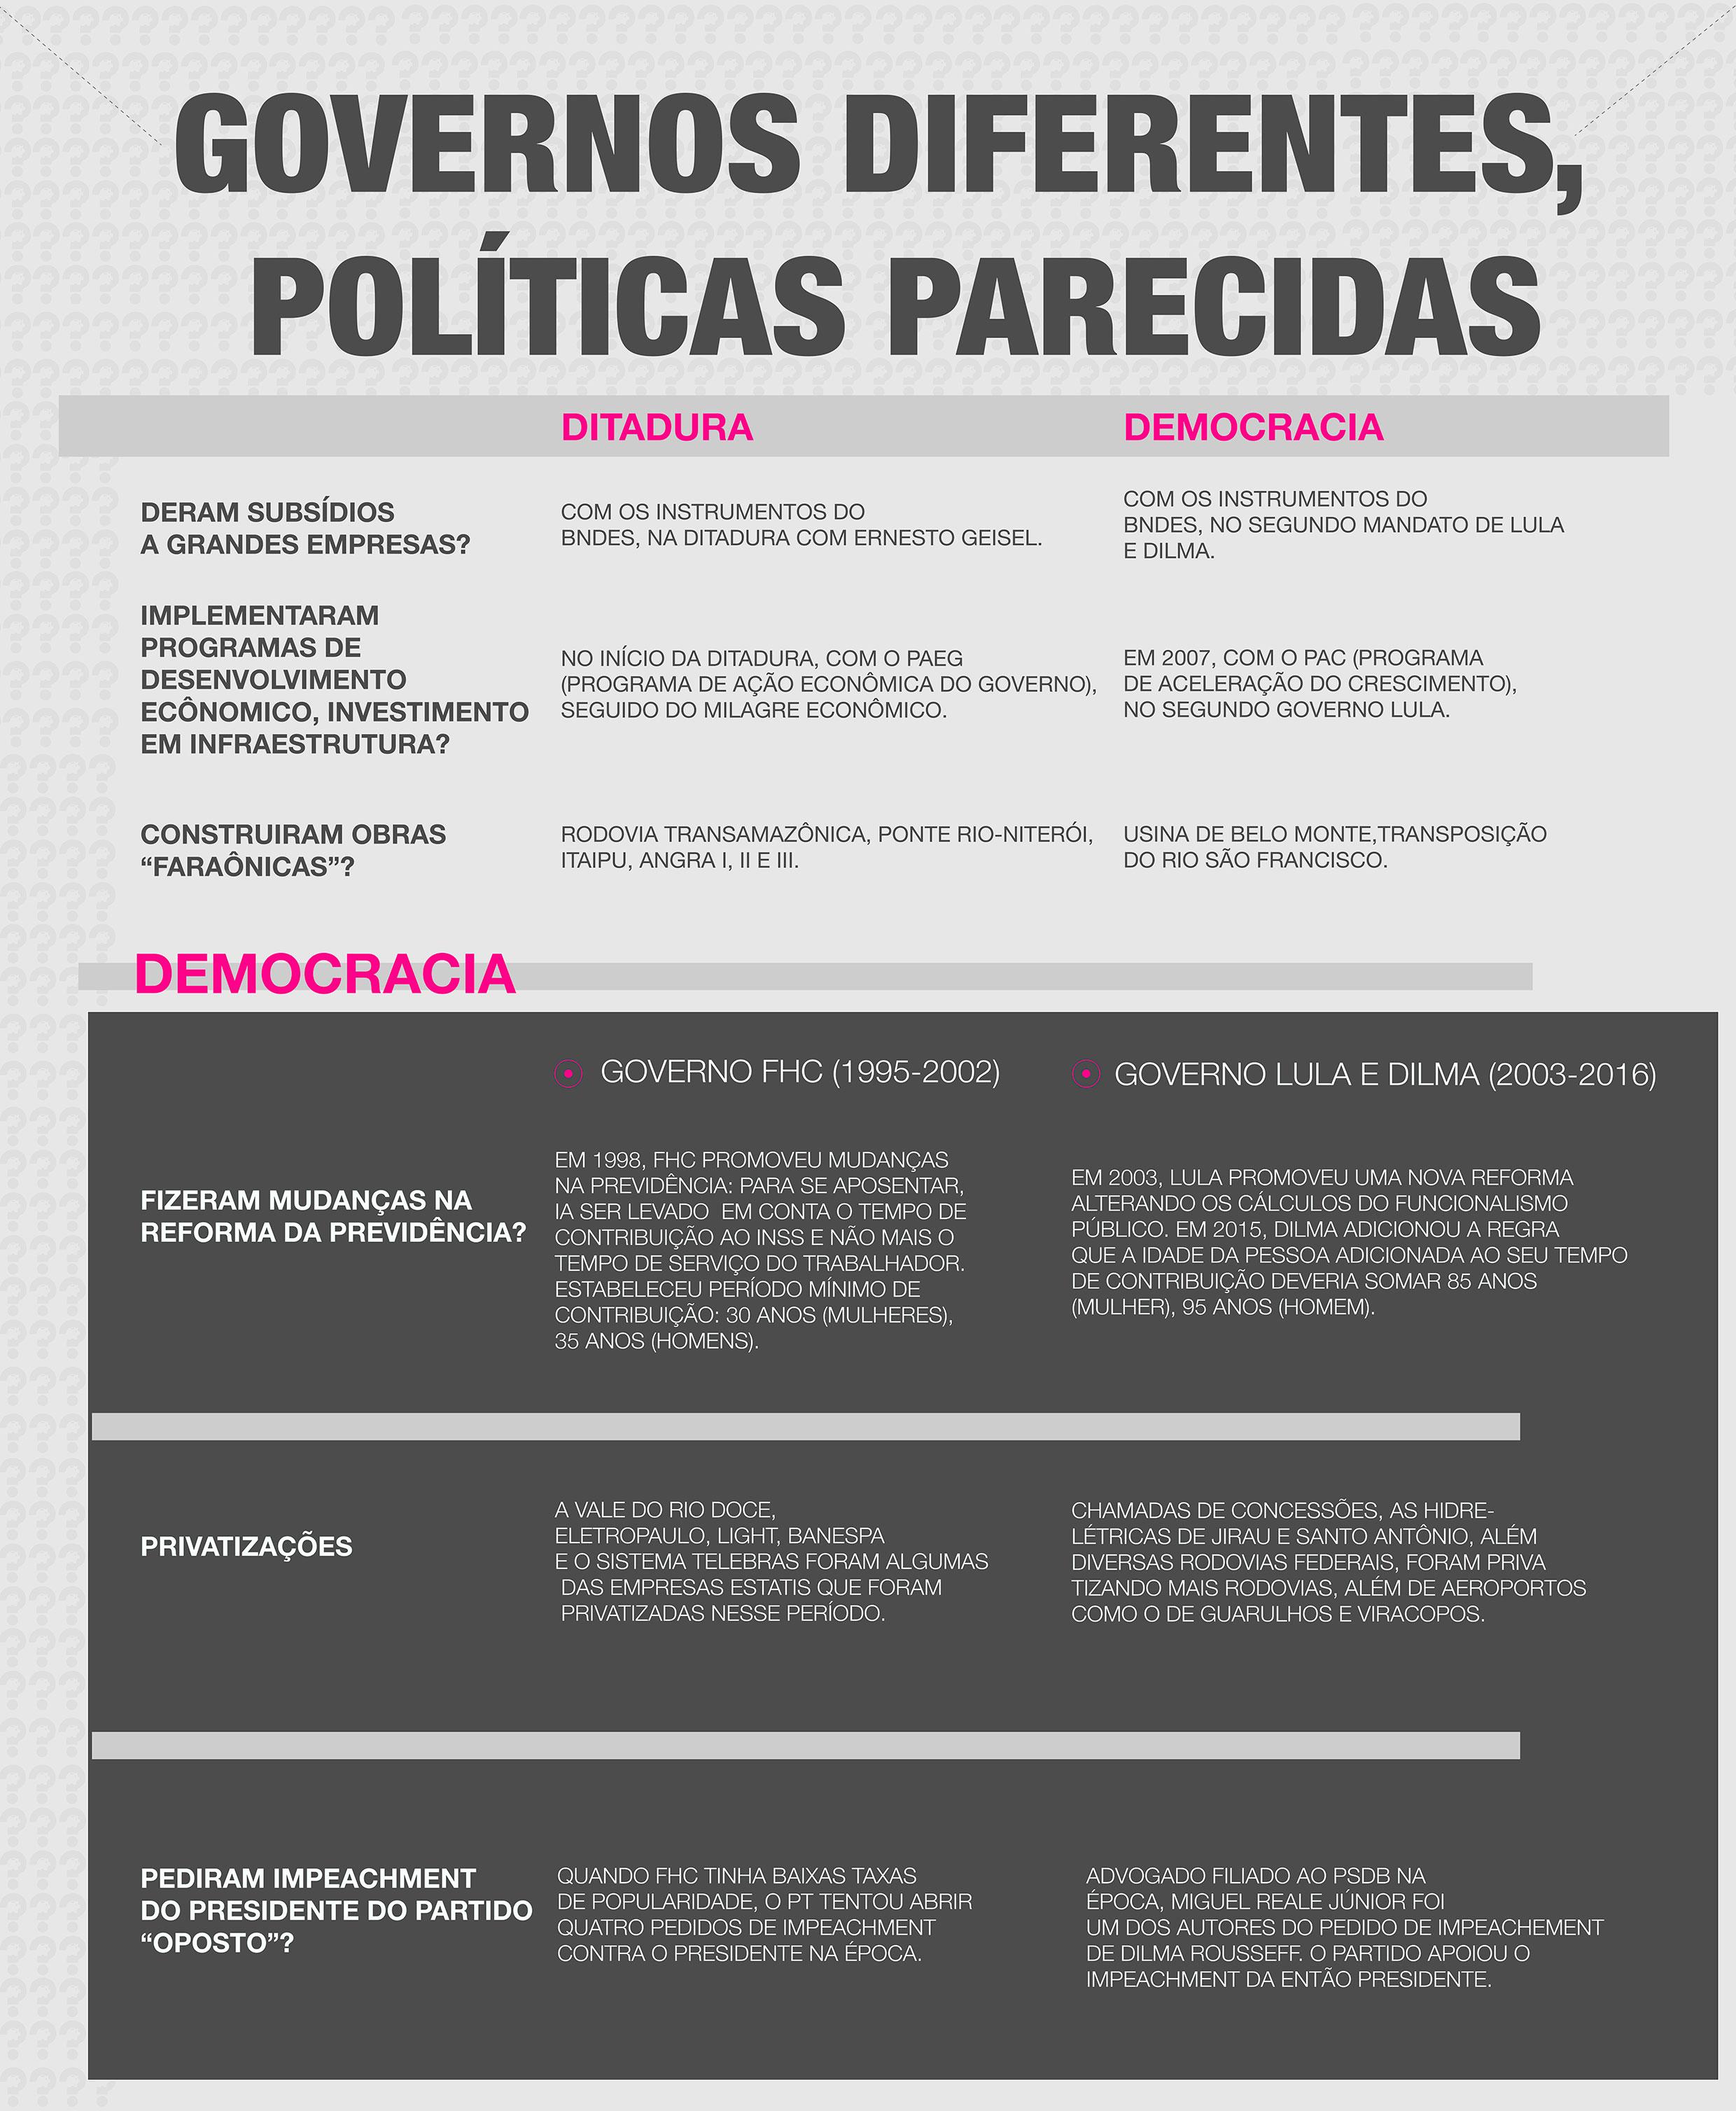 governos diferentes, políticas parecidas